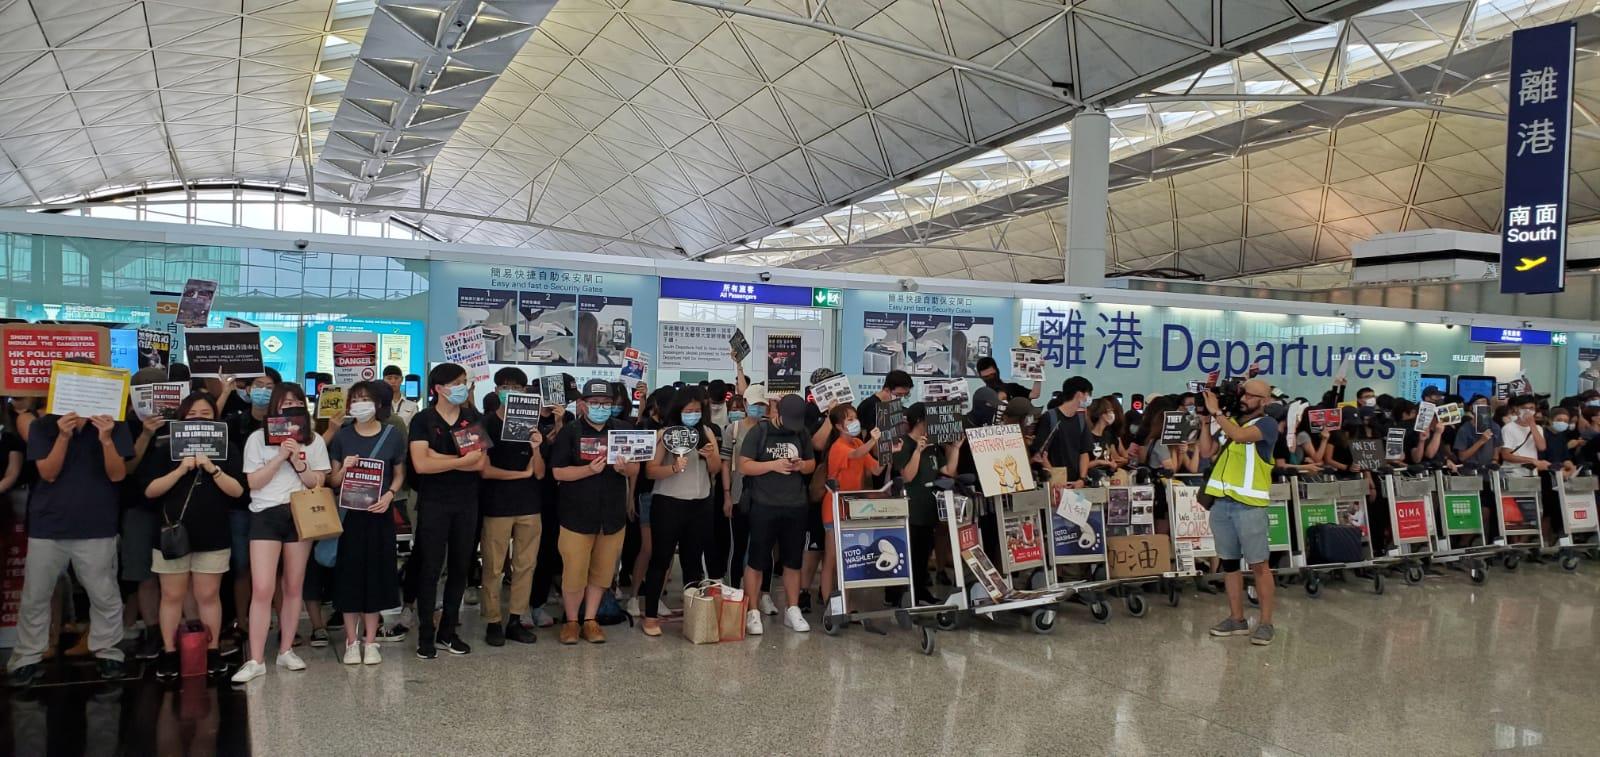 大批示威者繼續在機場集結